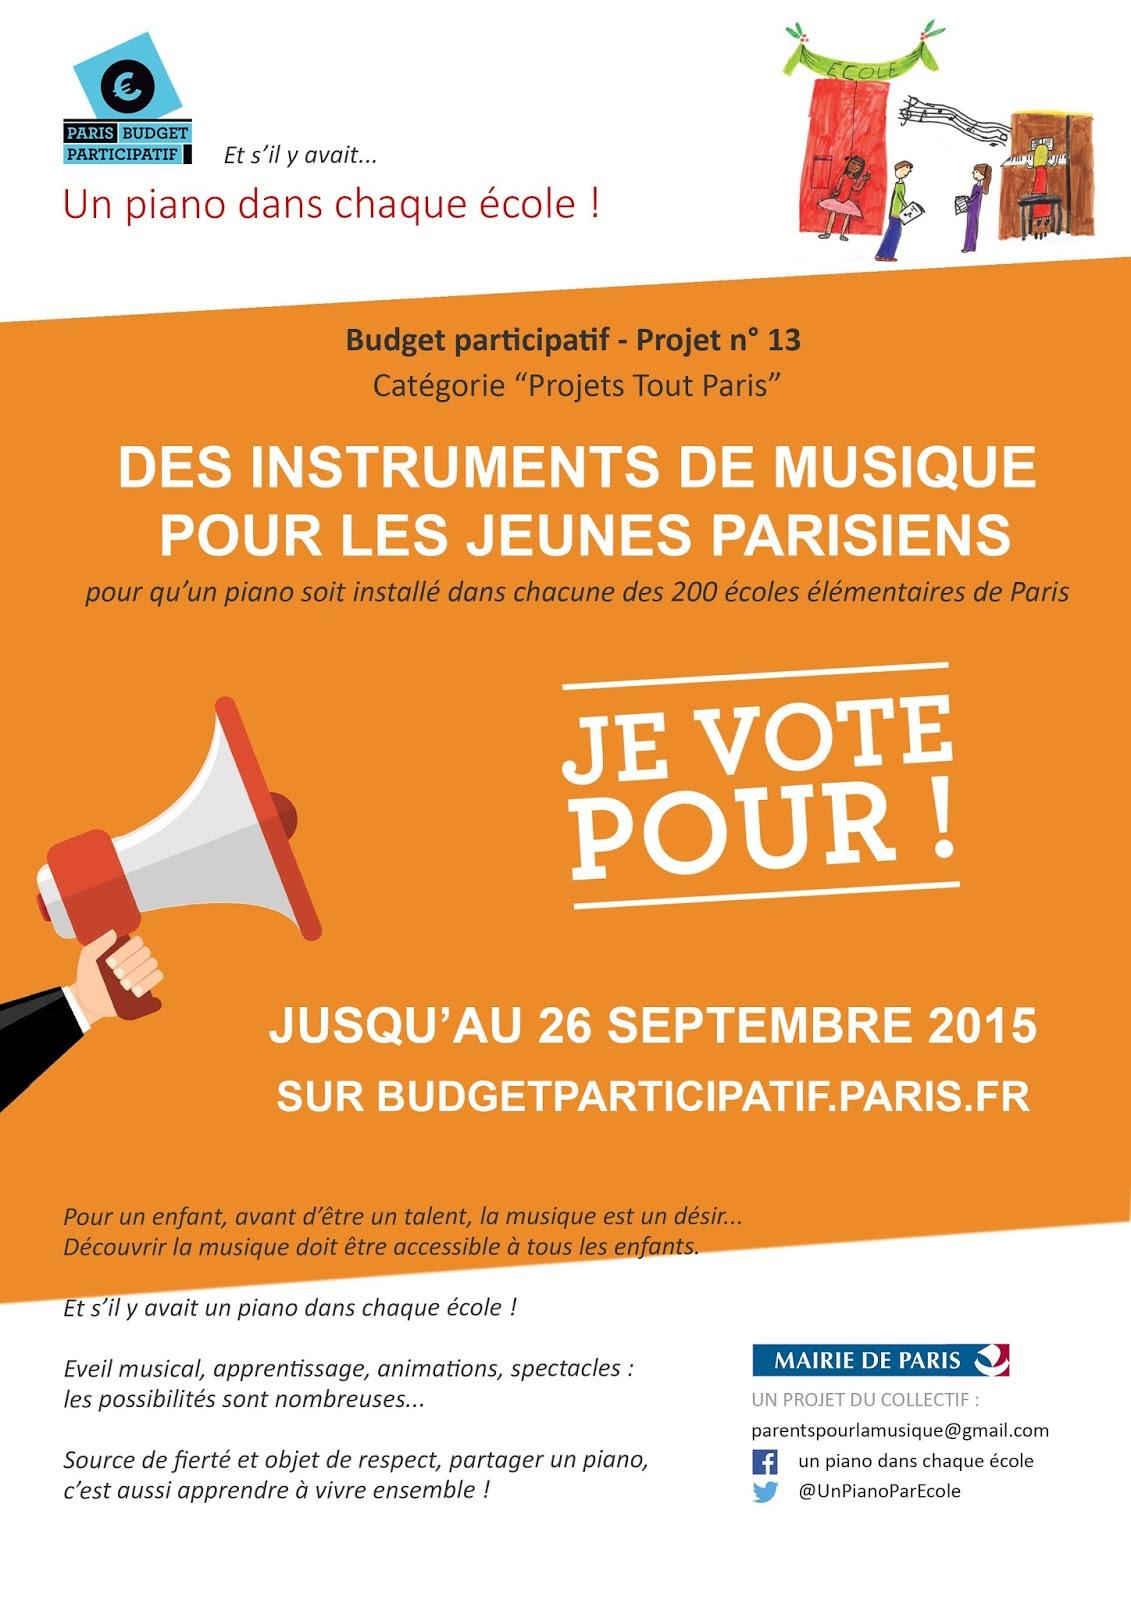 Parents pour la musique en ce moment votez pour des - Un piano dans la theiere ...